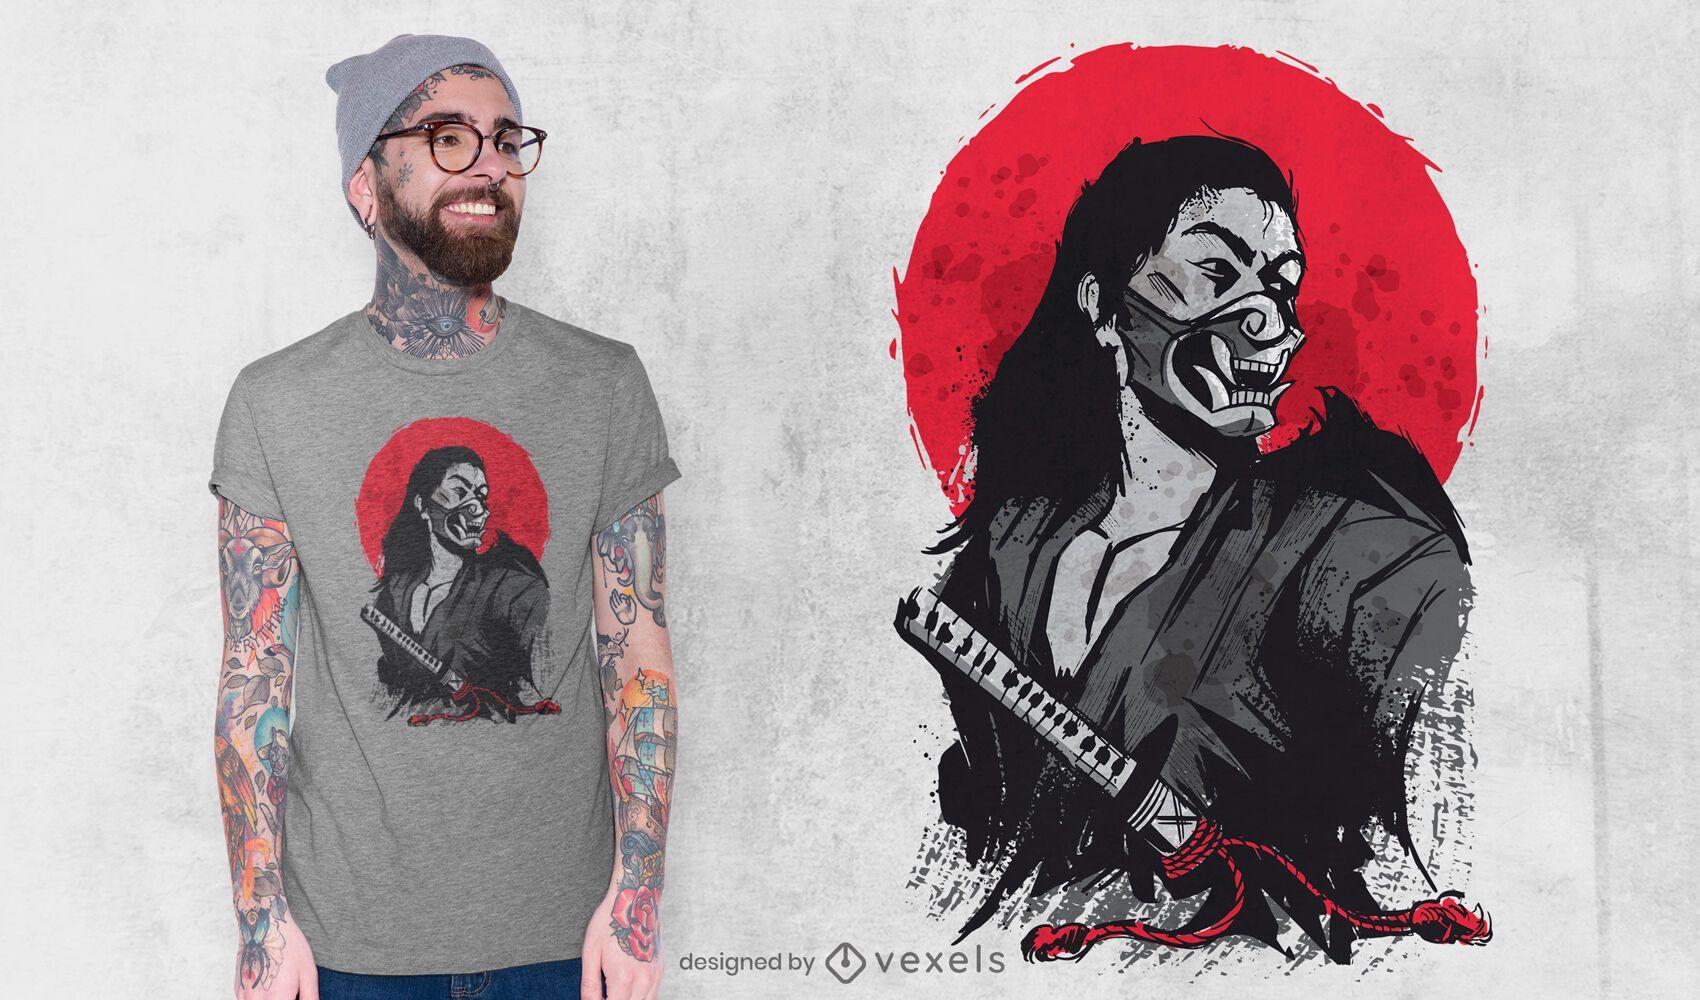 Dise?o de camiseta de guerrero japon?s masculino.